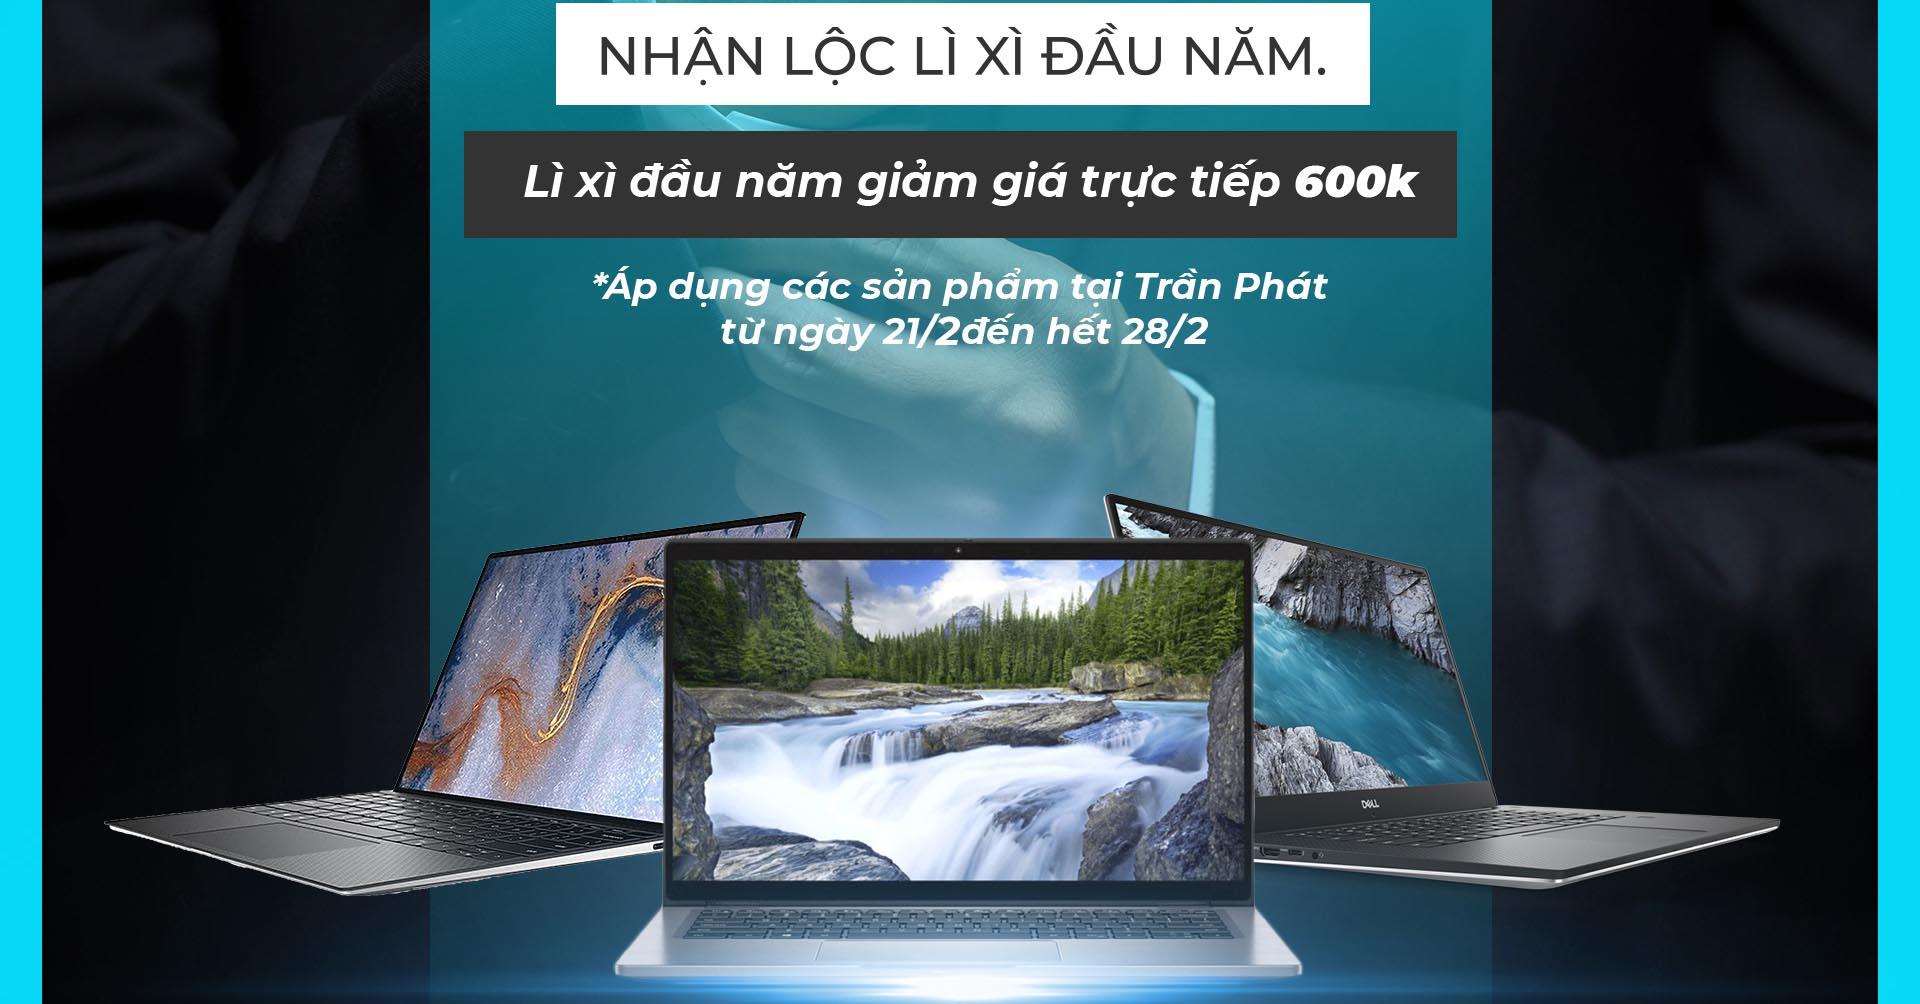 """Chương trình ưu đãi """"Nhận lộc lì xì đầu năm khi sắm Laptop"""" tại Trần Phát"""